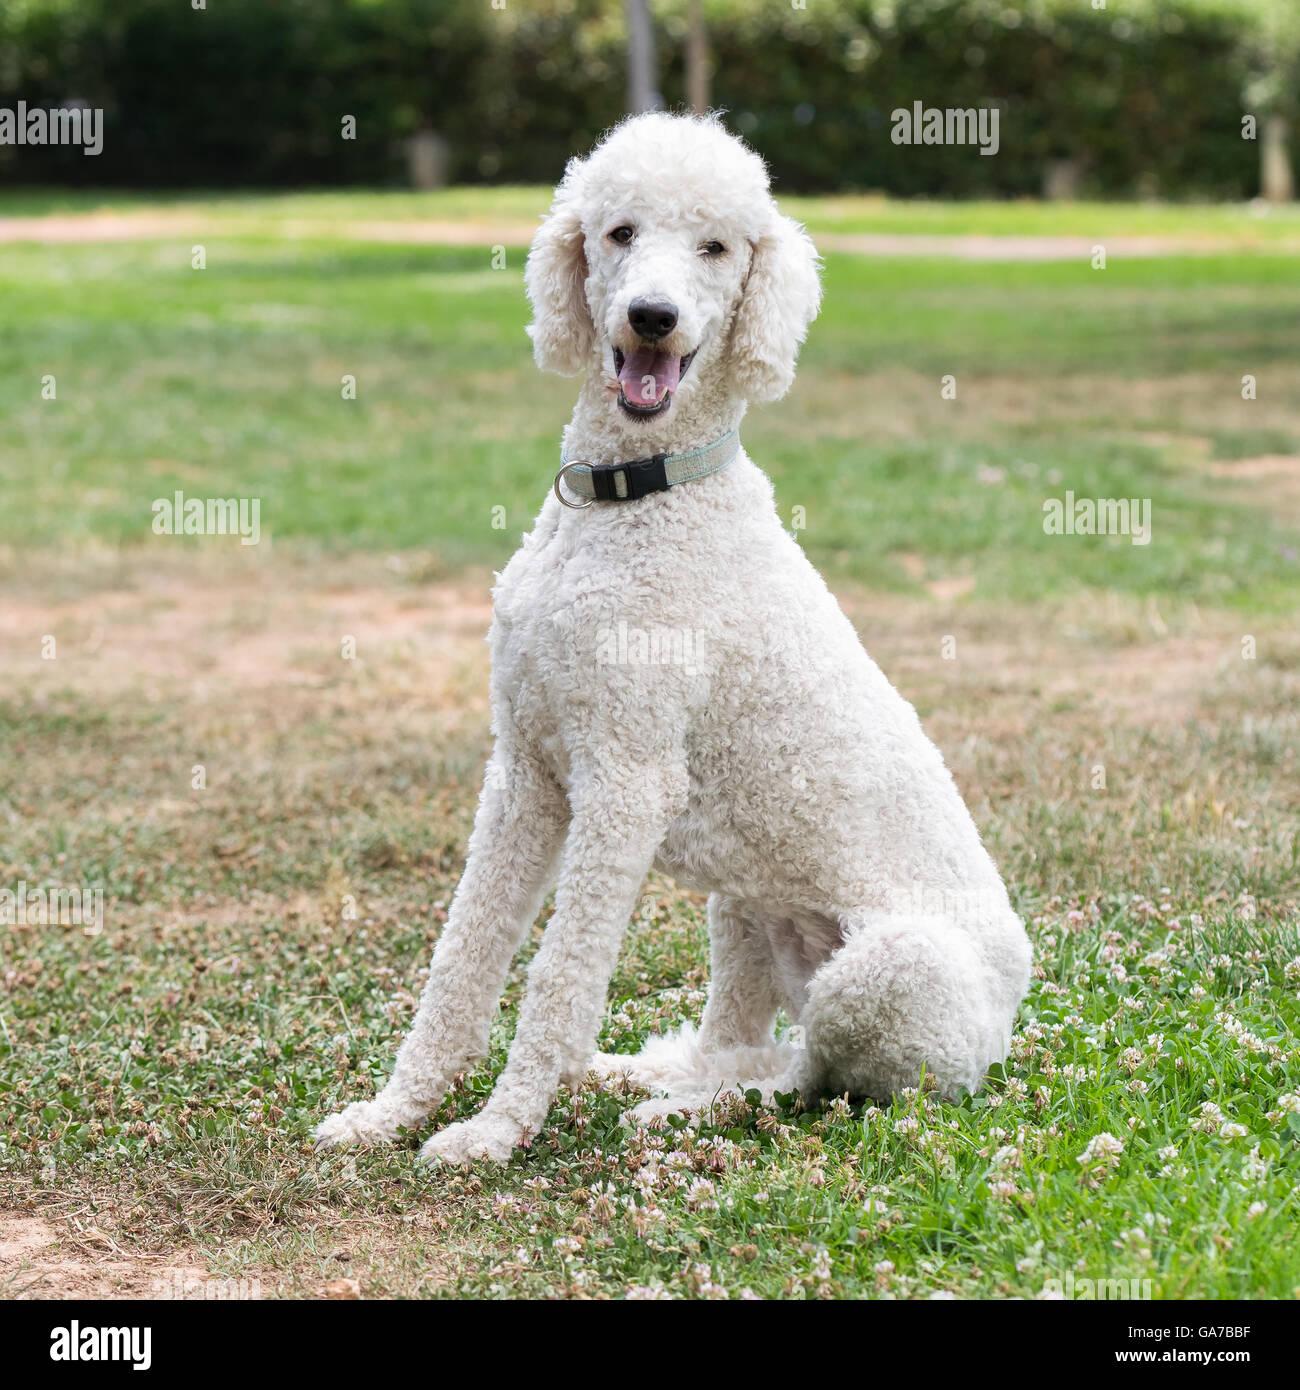 Poodle dog portrait at a park. - Stock Image